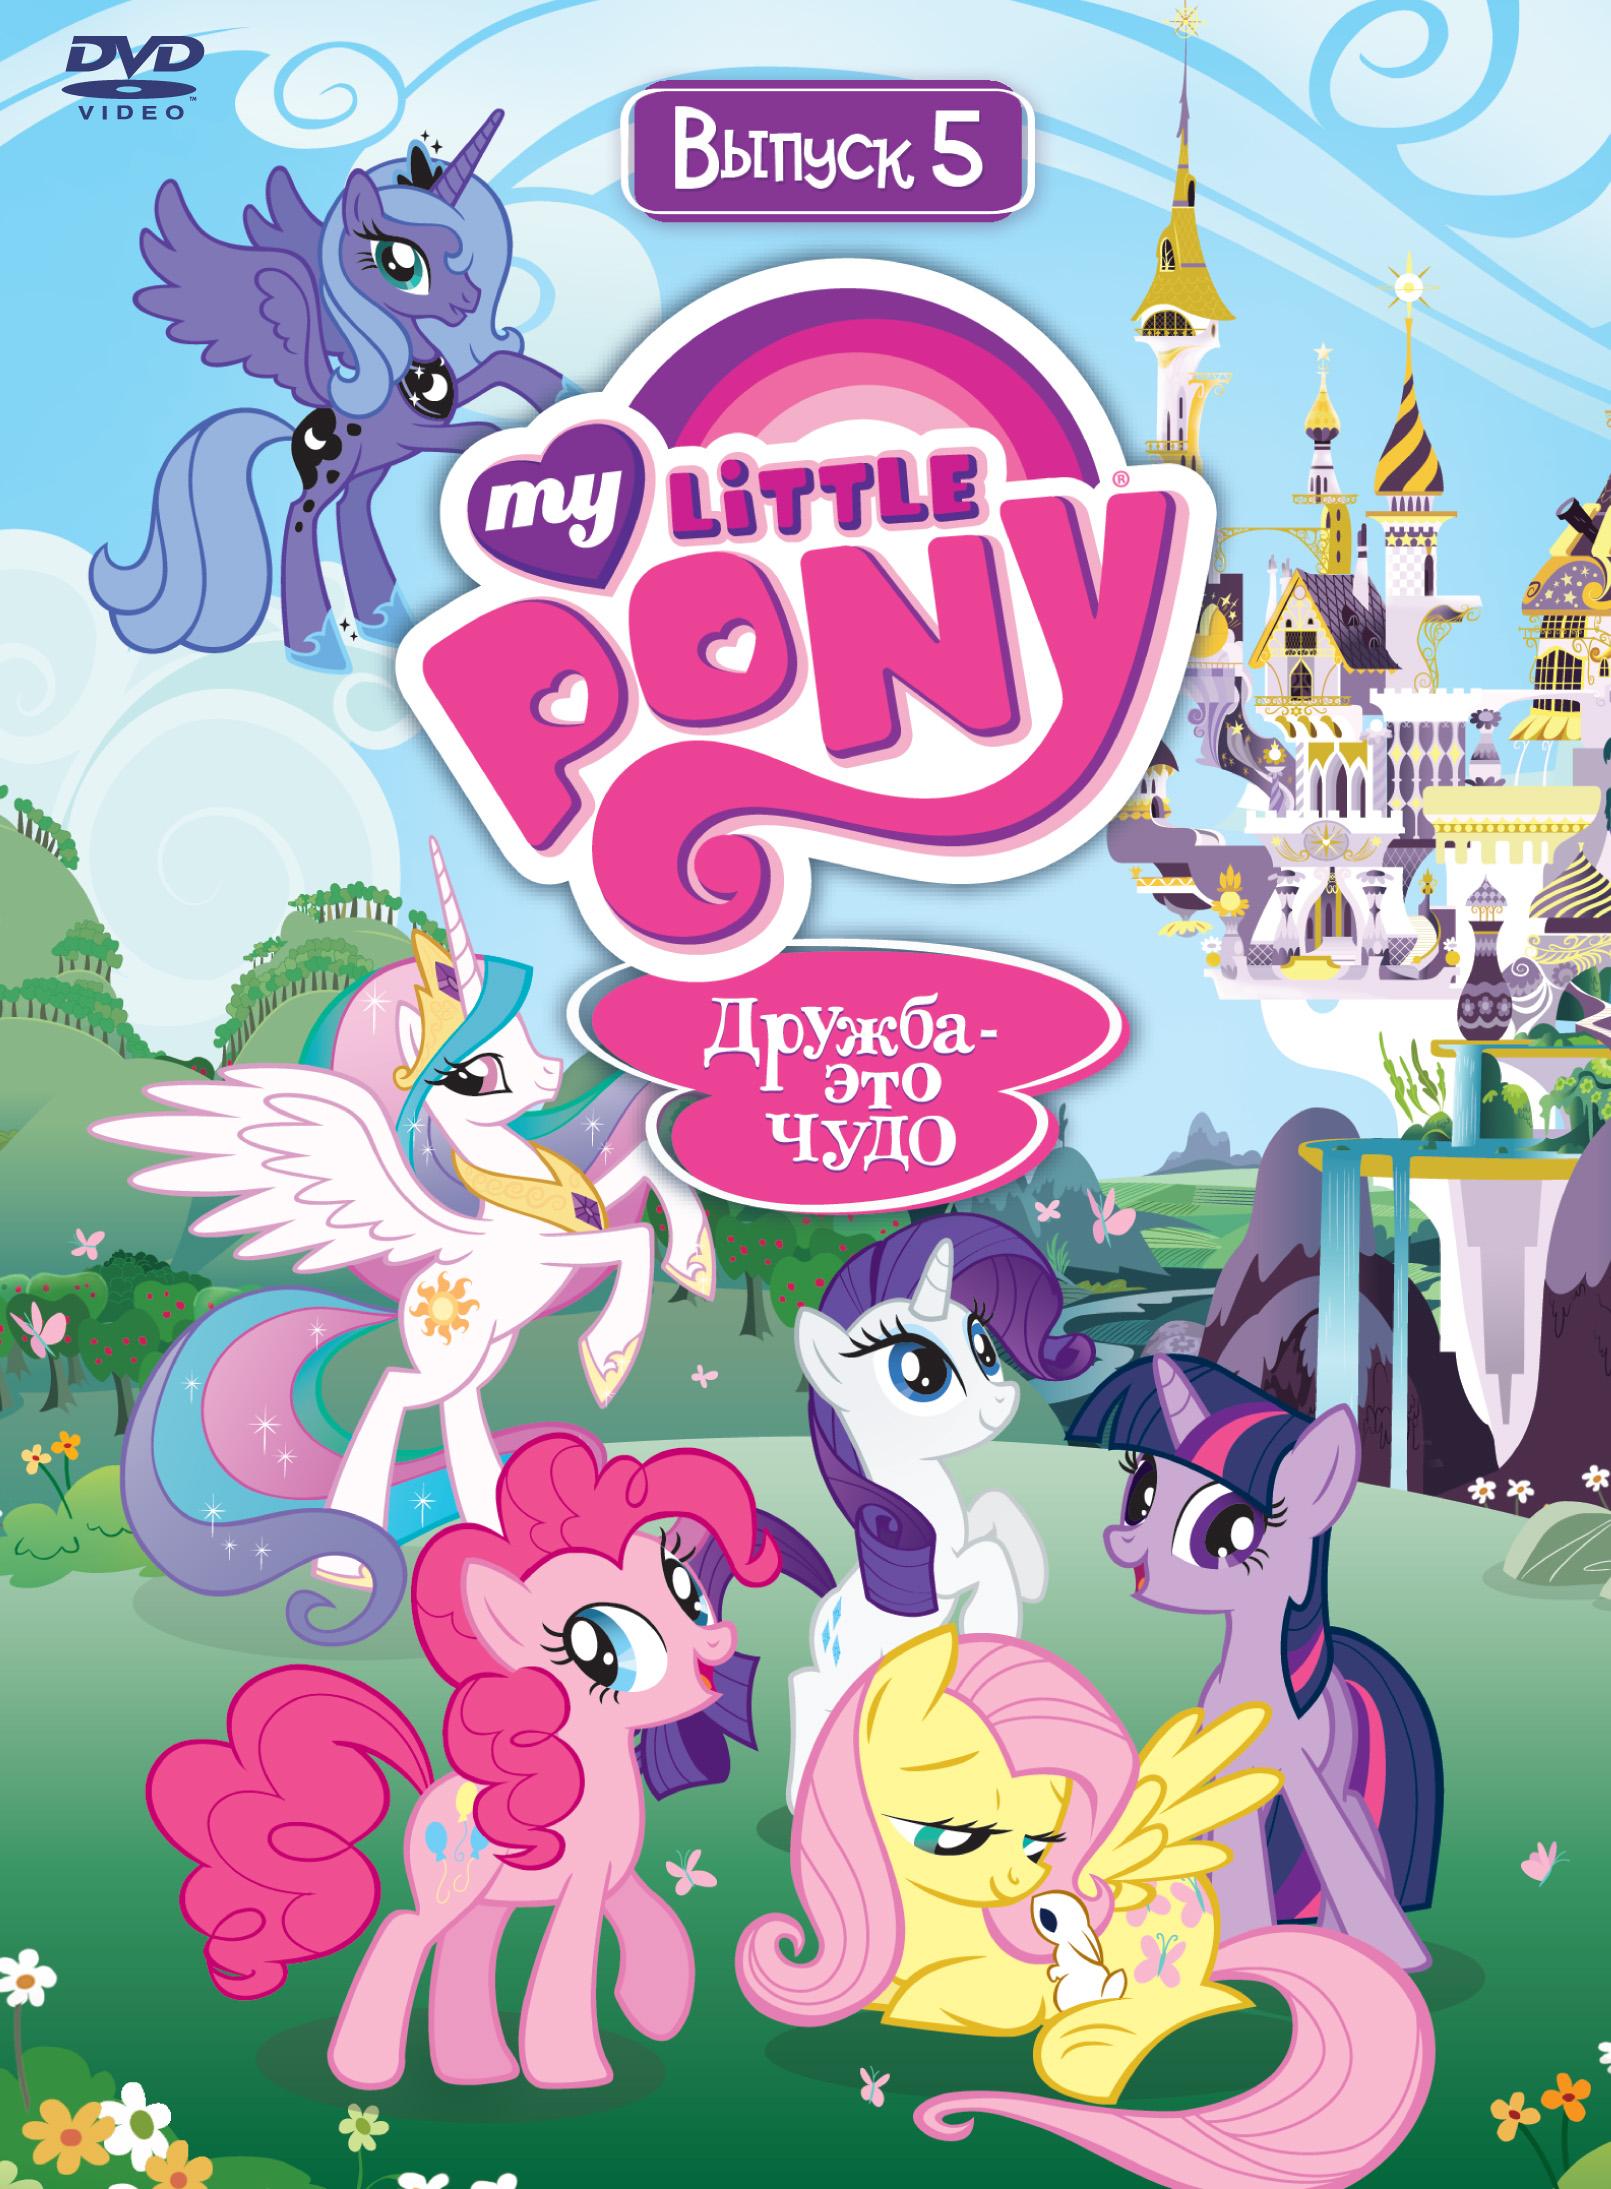 Мультфильм мой маленький пони (5 сезон, 24 серия) смотреть онлайн.